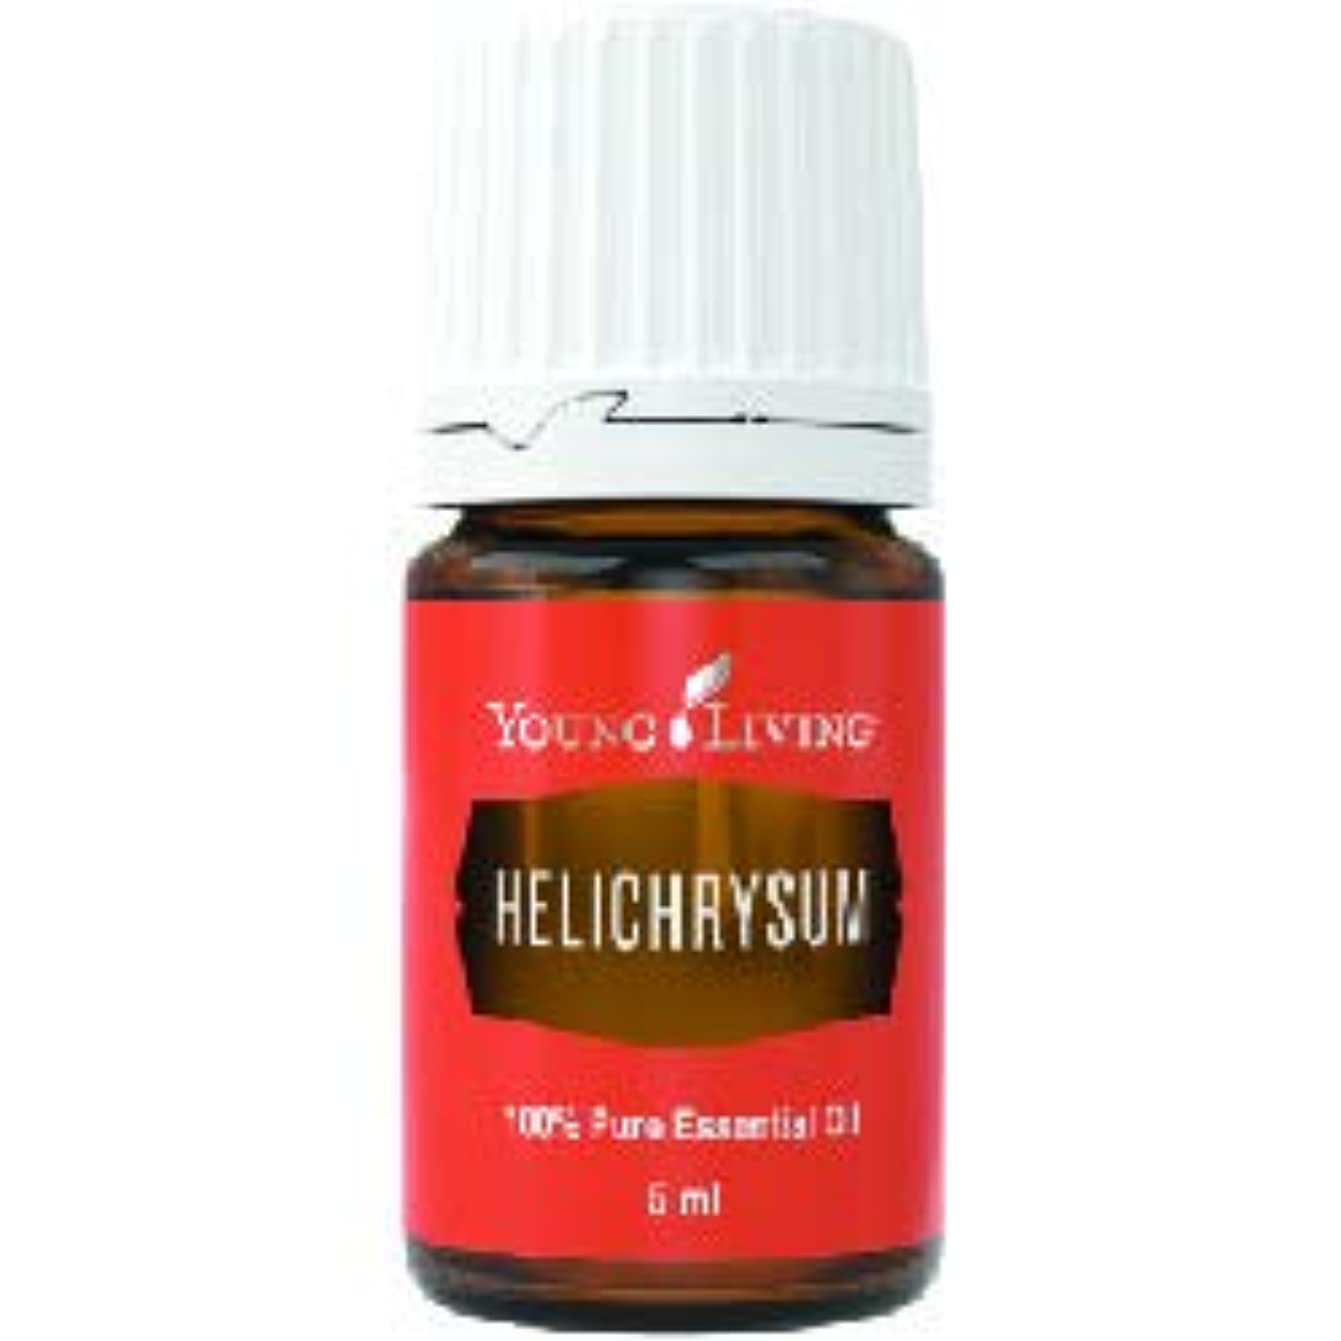 付ける愛国的なメーターヘリクリサムエッセンシャルオイル ヤングリビングエッセンシャルオイルマレーシア5ml Helichrysum Essential Oil 5ml by Young Living Essential Oil Malaysia